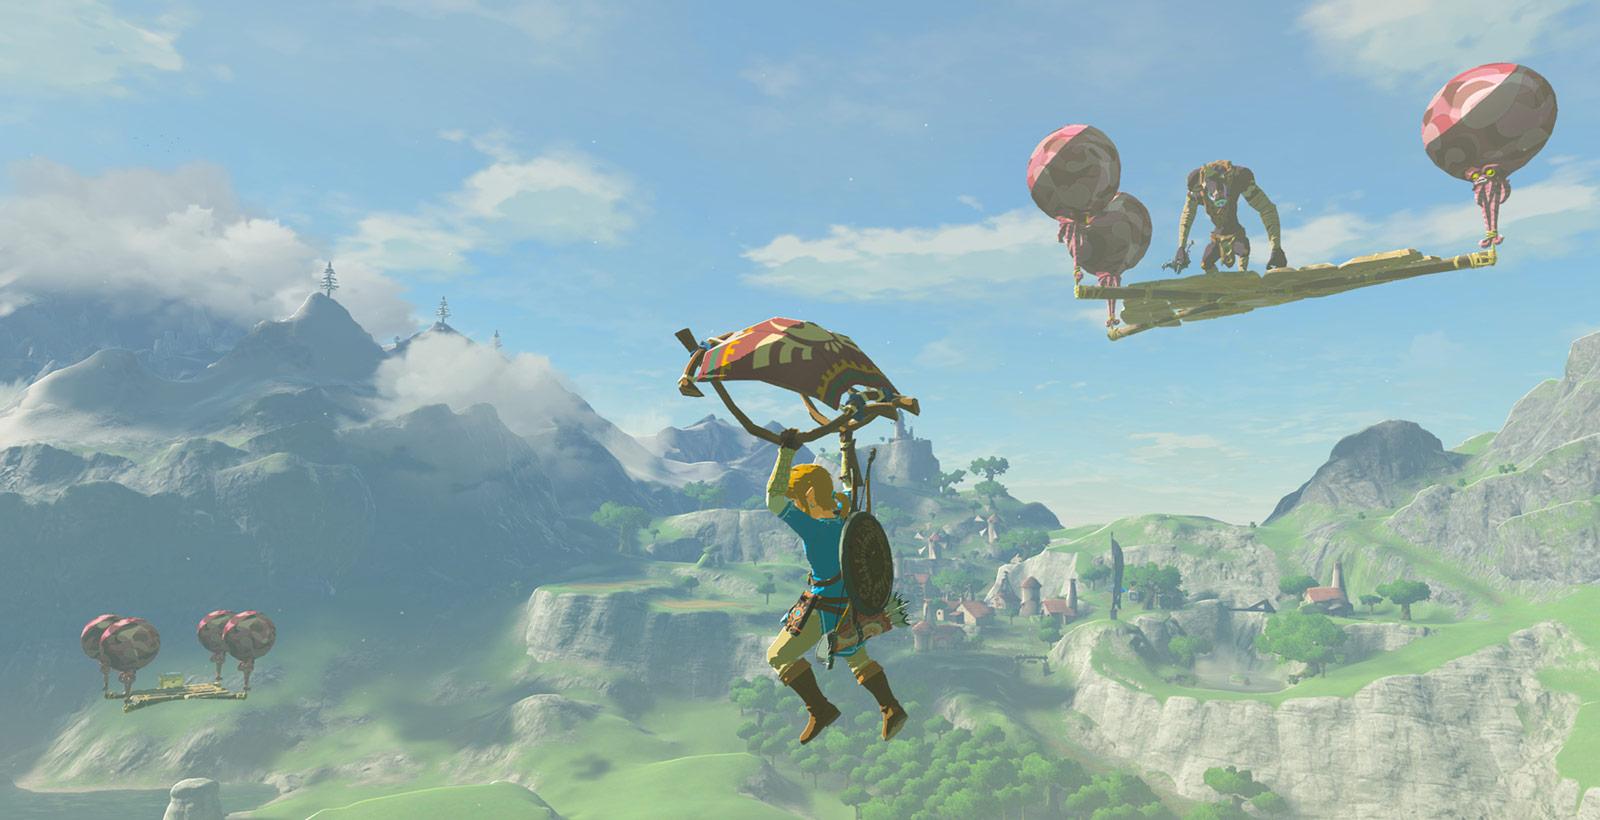 Ce Que Vous Réserve Le Premier Dlc De Zelda Breath Of The